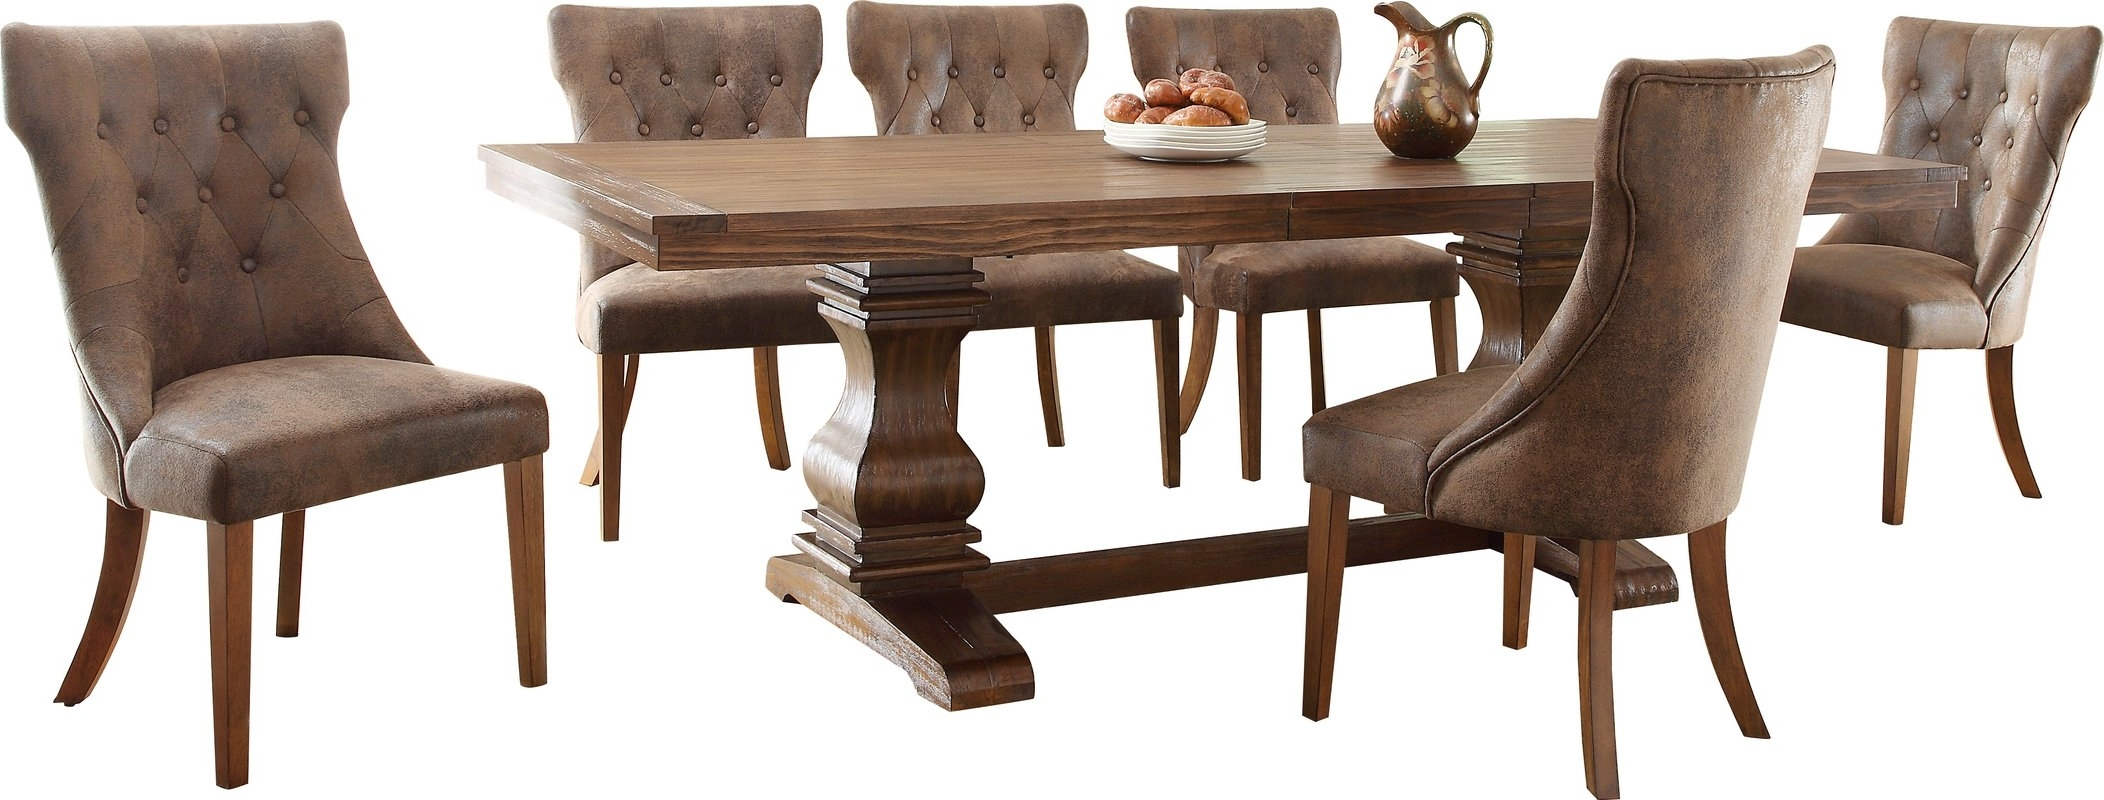 Dark Wooden Dining Tables regarding Most Popular Selecting Dark Wood Round Dining Tables - Home Decor Ideas